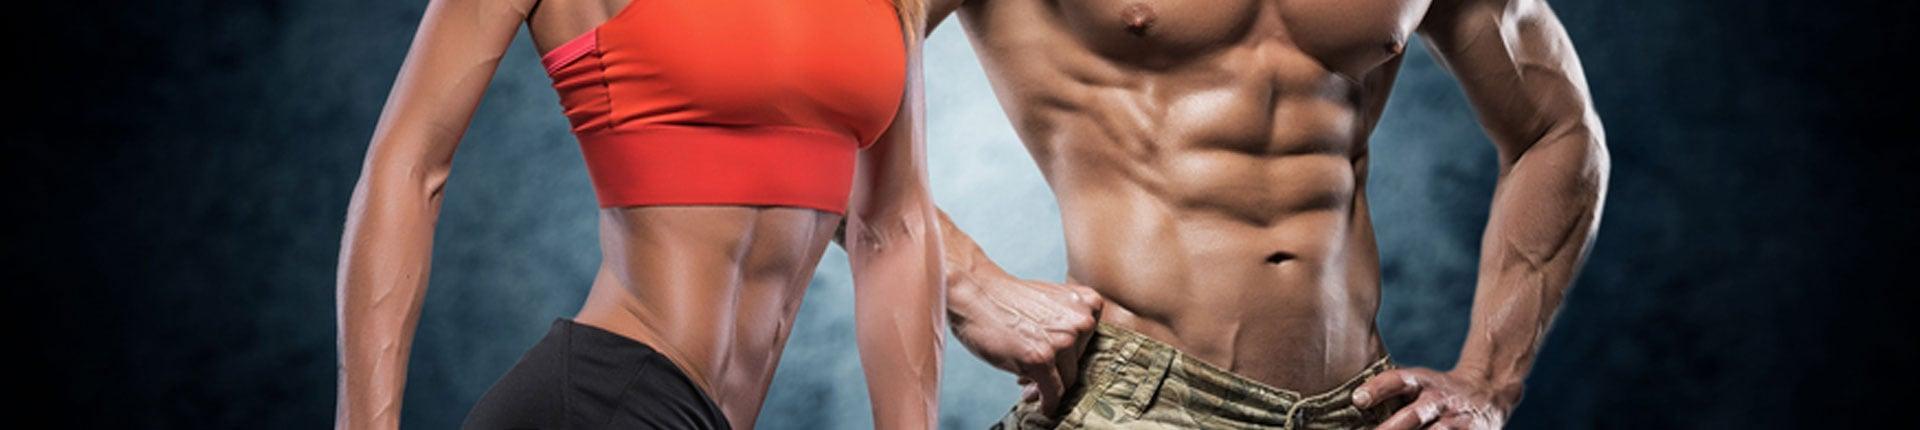 Estradiol: tuczy czy odchudza? Estrogeny i odchudzanie